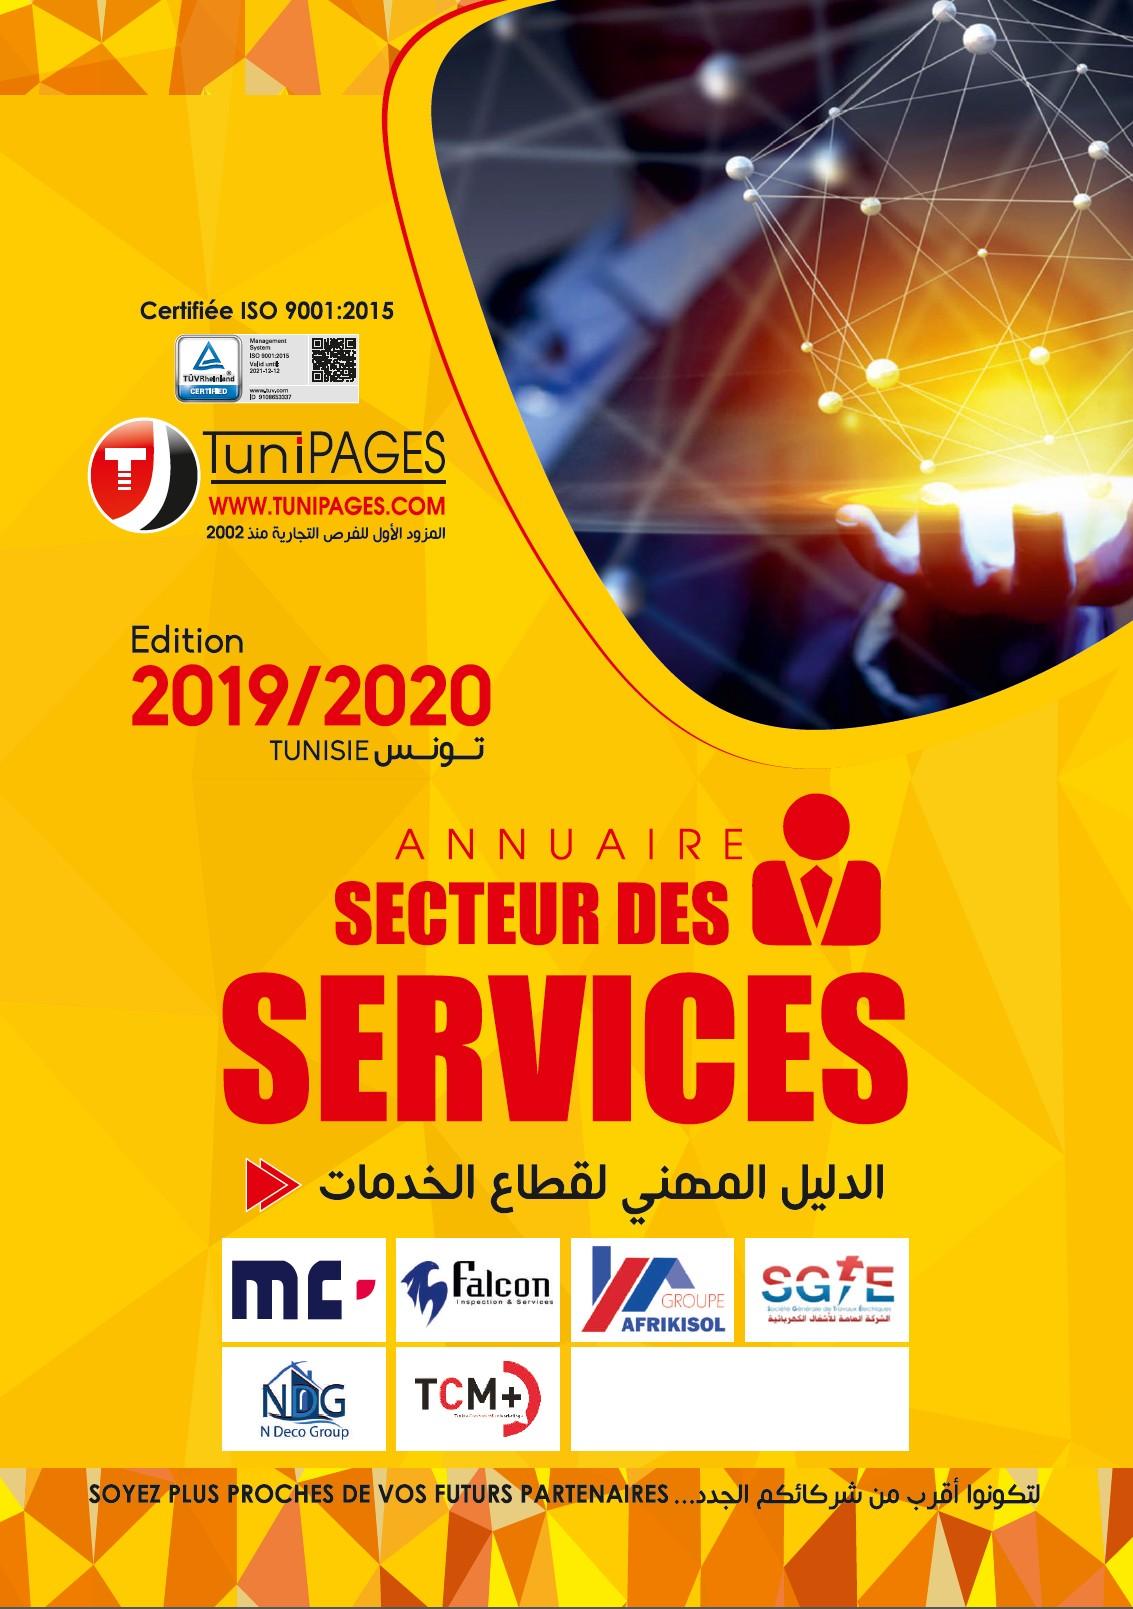 Annuaire Professionnel secteur des services édition 2019/2020